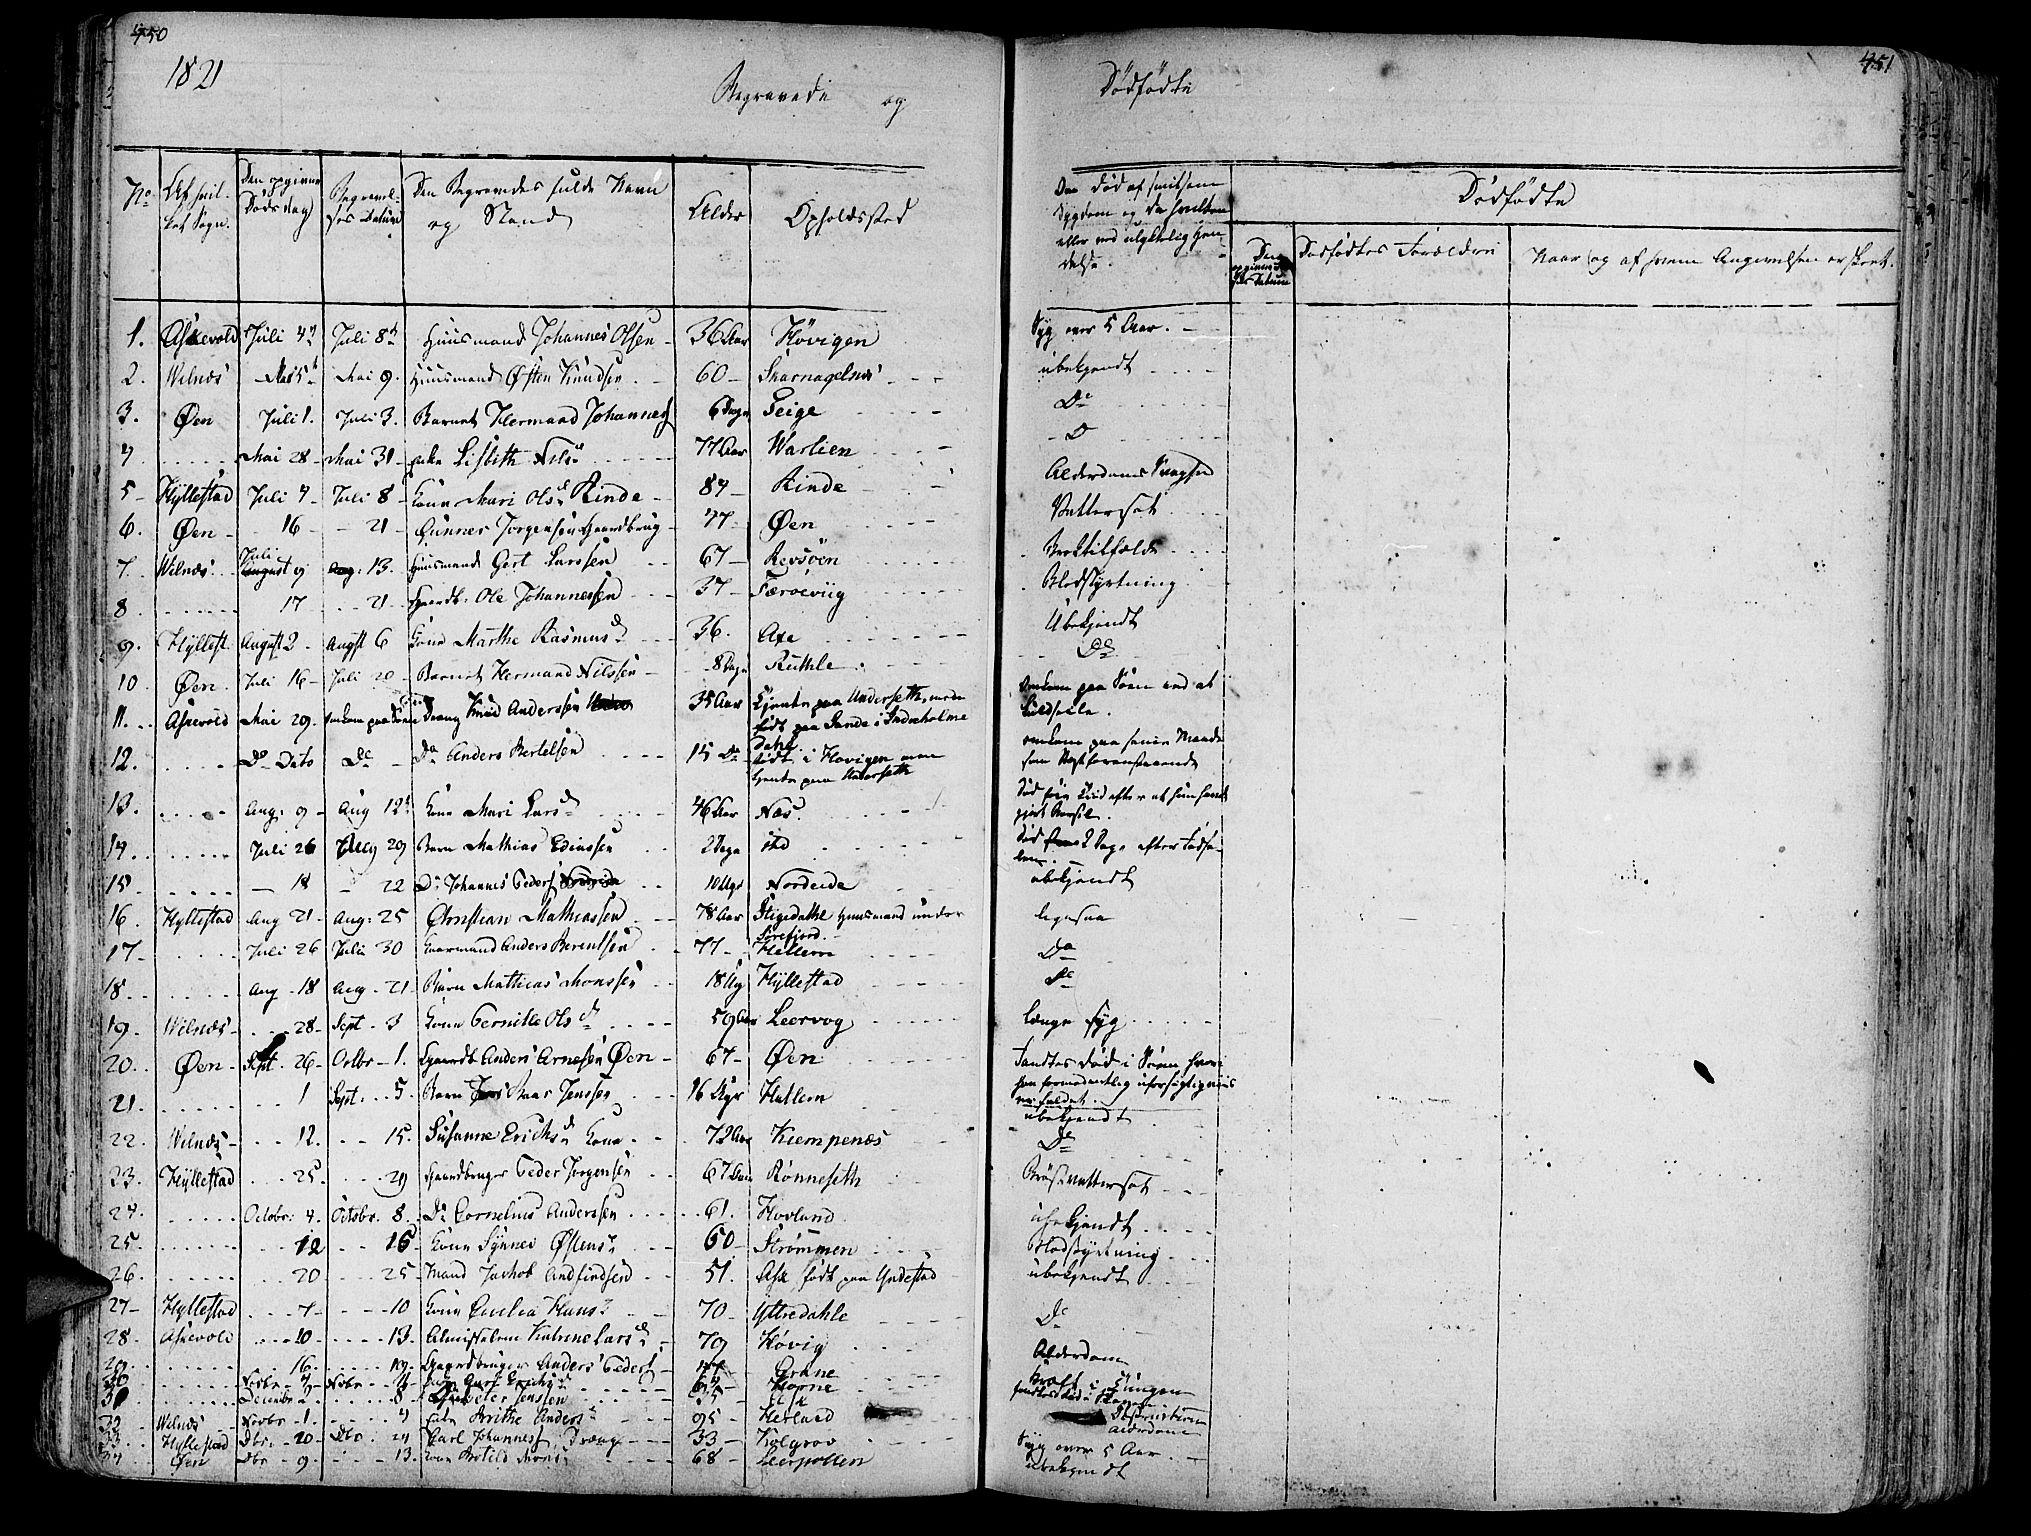 SAB, Askvoll Sokneprestembete, Ministerialbok nr. A 10, 1821-1844, s. 450-451